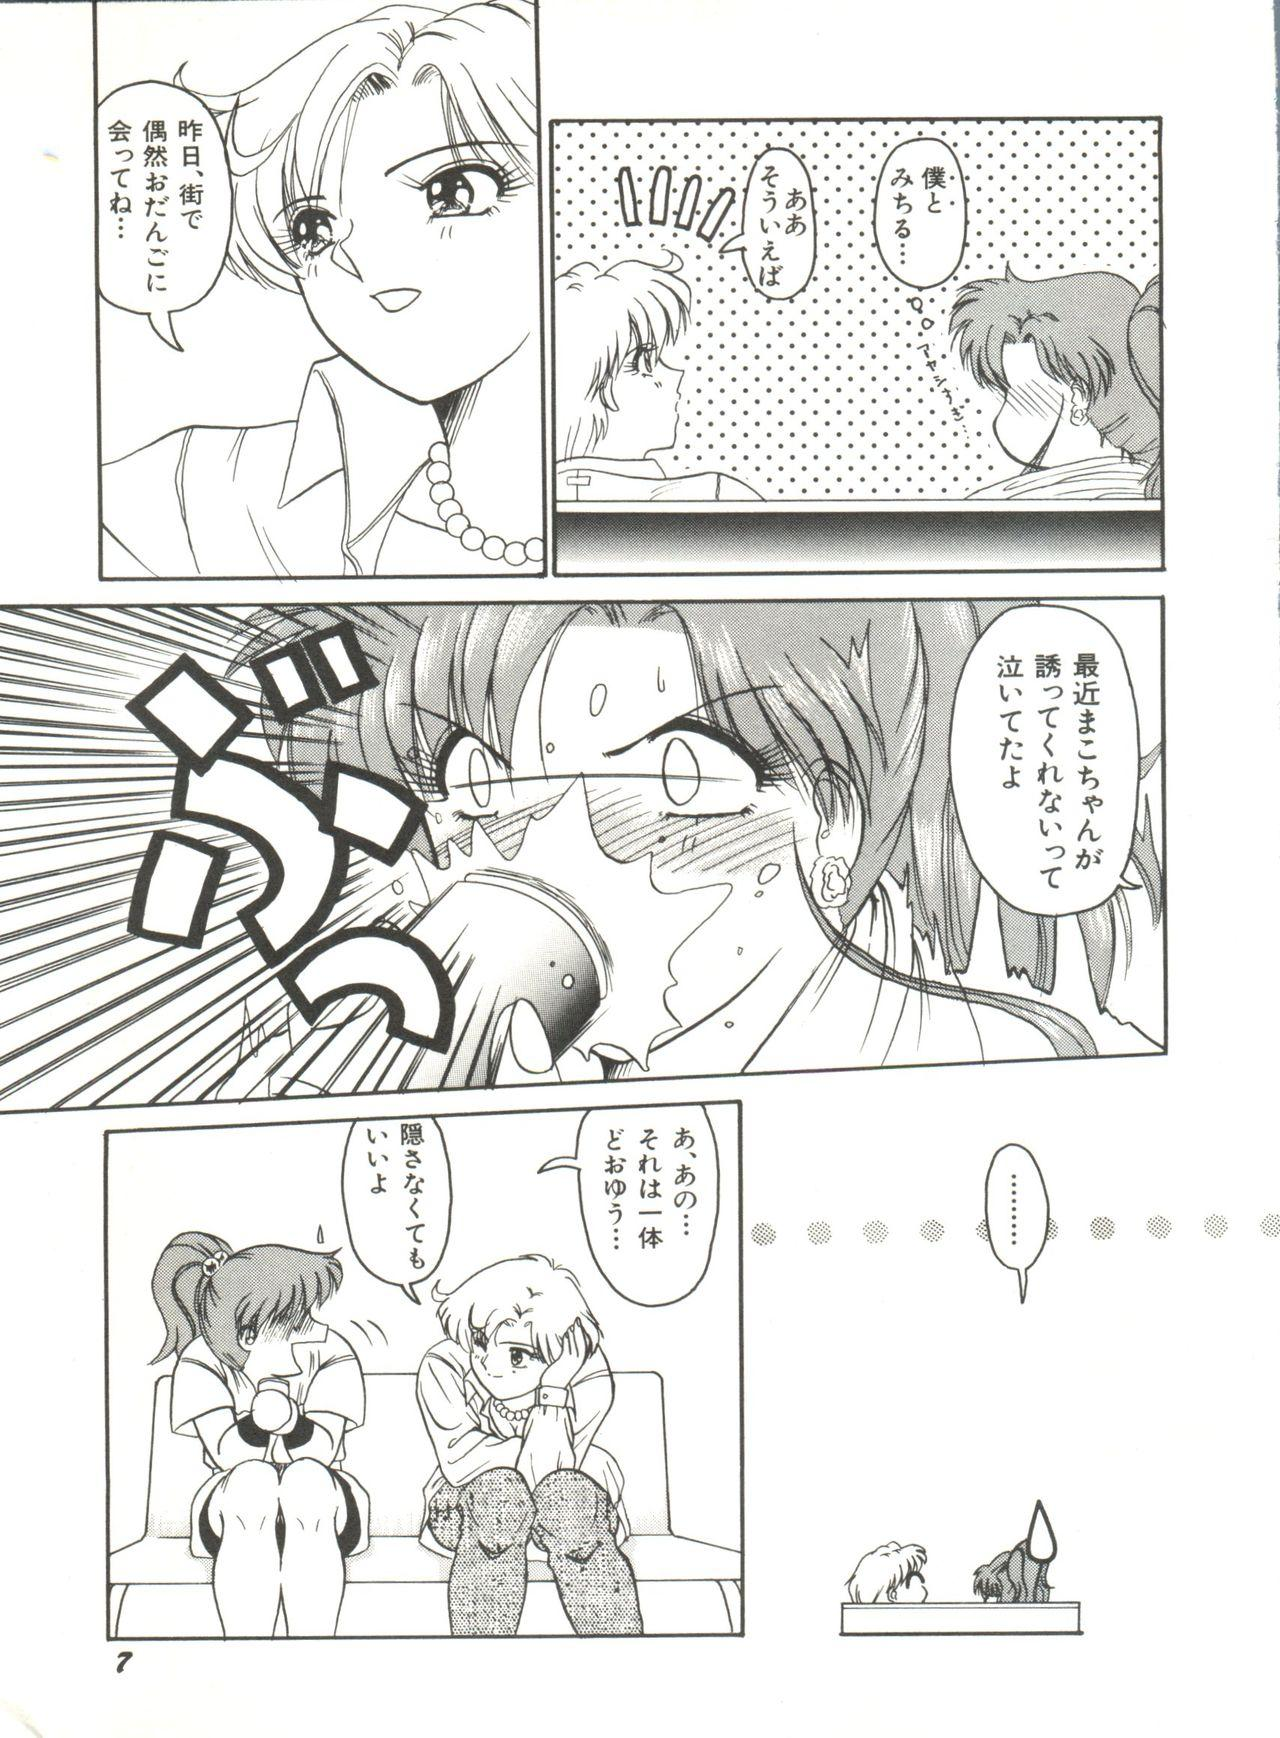 Bishoujo Doujinshi Anthology 12 - Moon Paradise 7 Tsuki no Rakuen 11